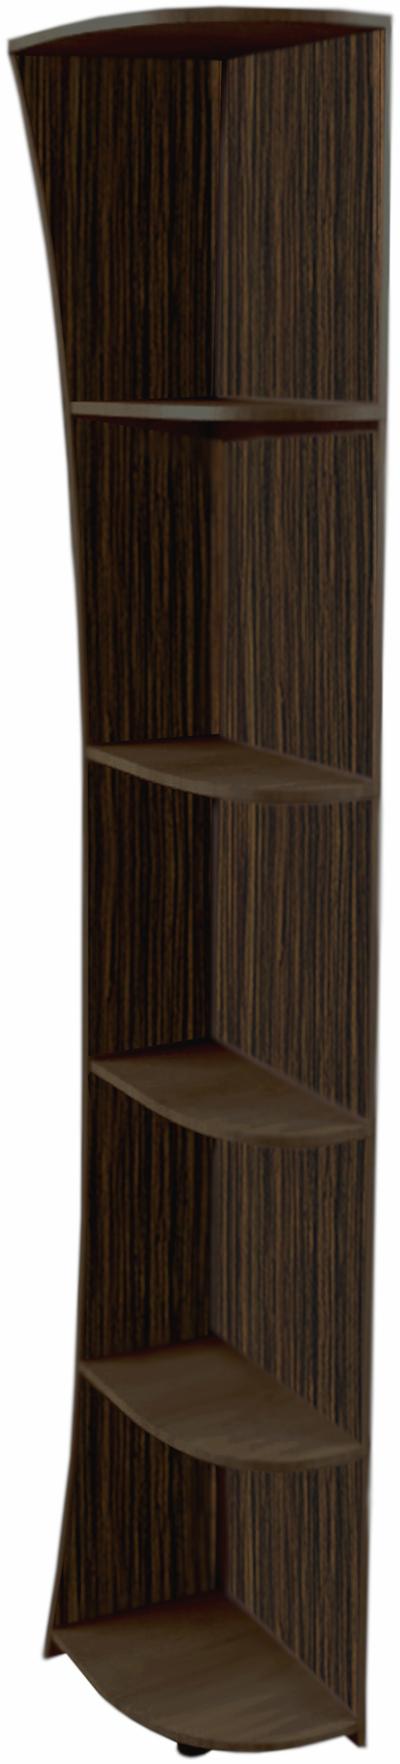 Elma P 230-60 Plaukts / skapis